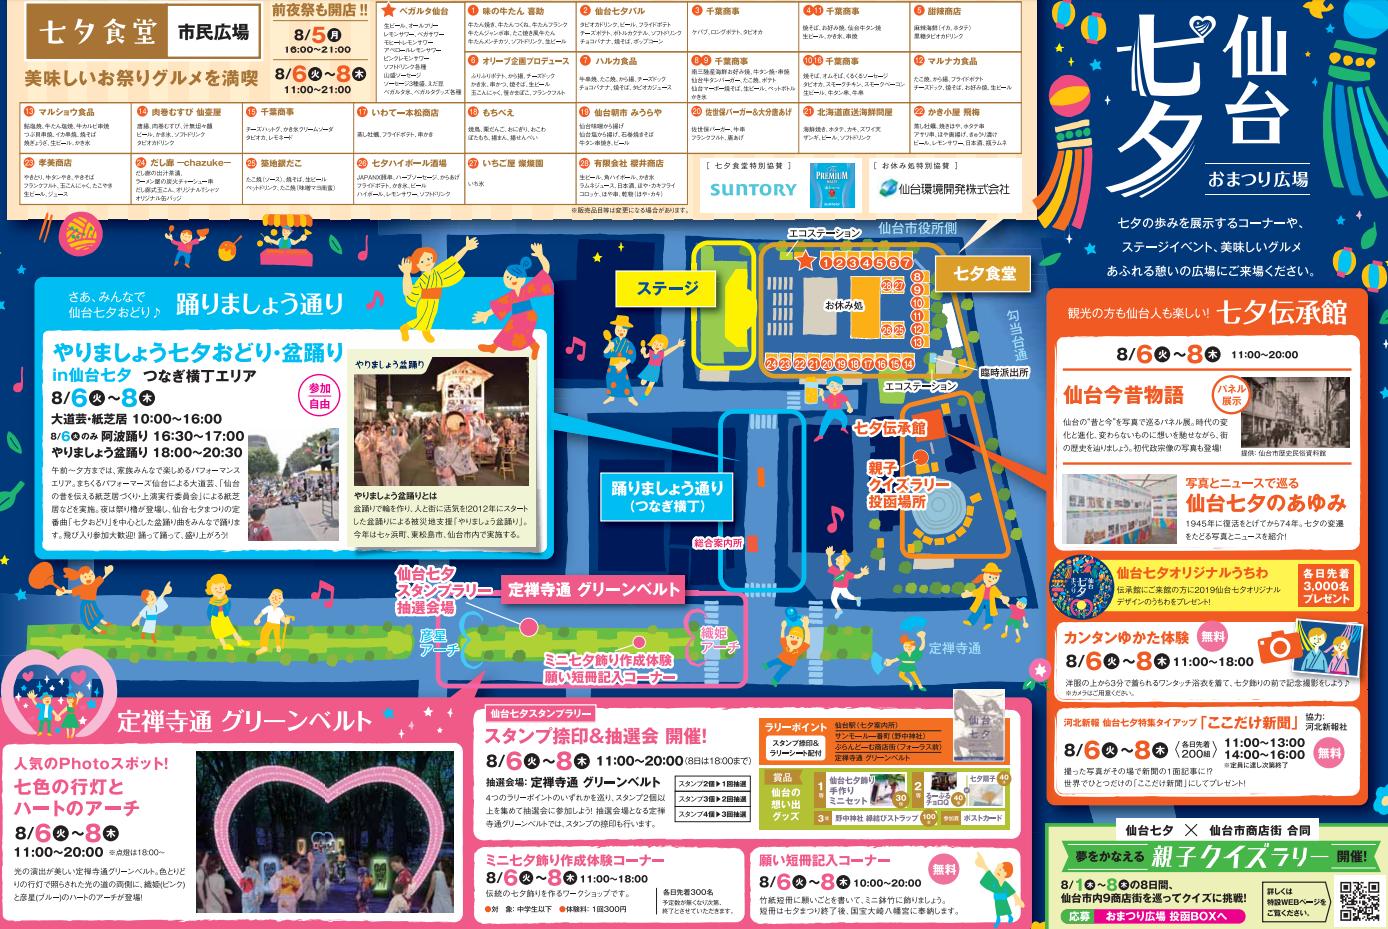 仙台七夕祭りお祭り広場マップ